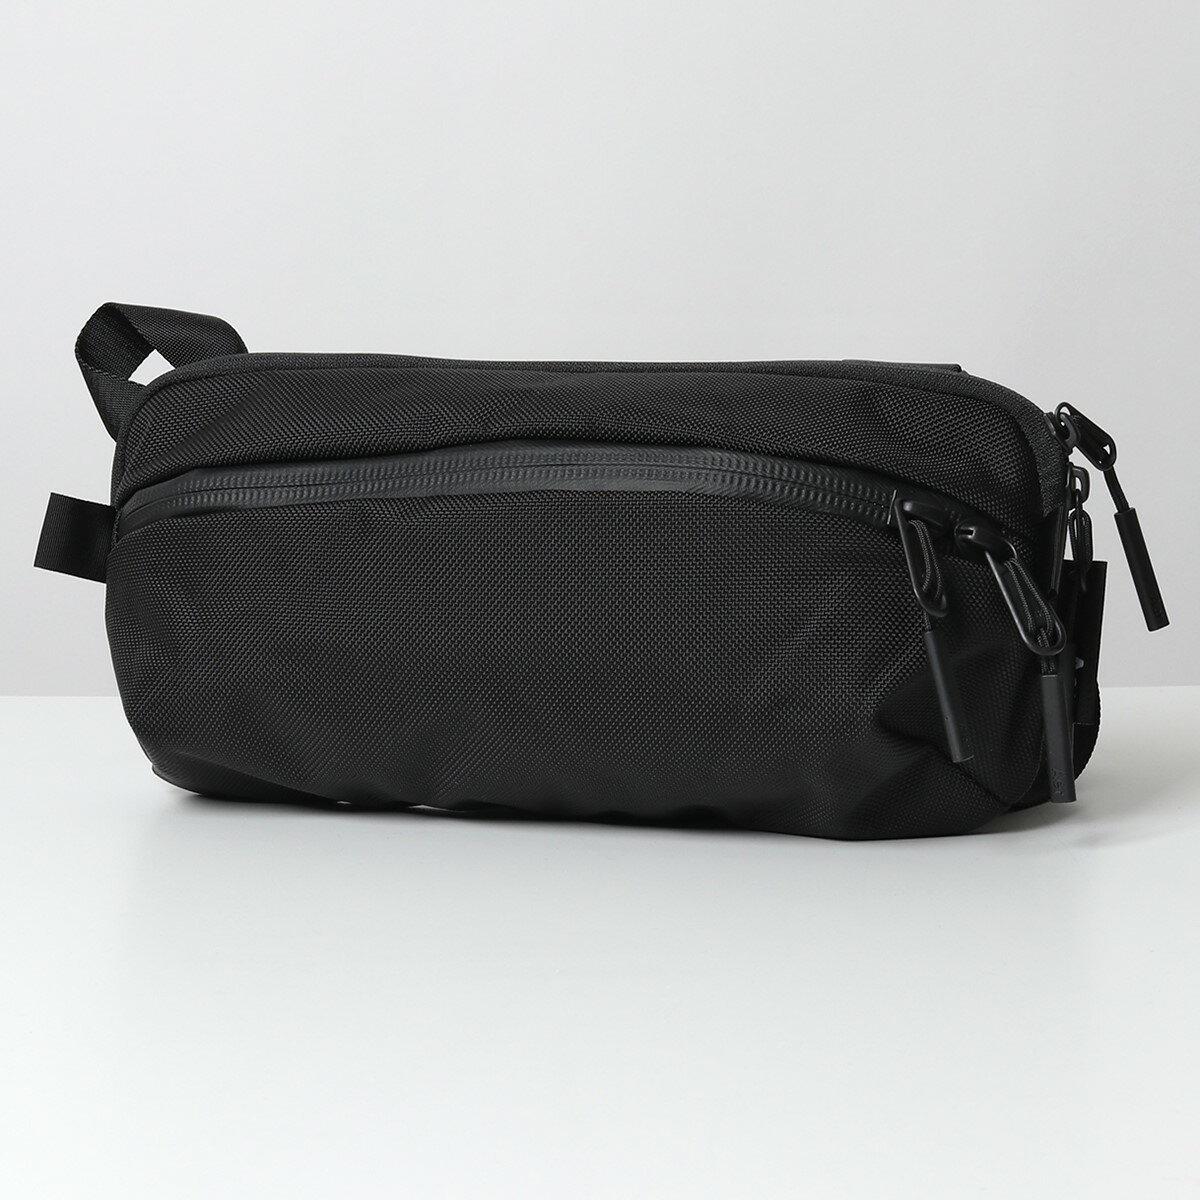 メンズバッグ, ボディバッグ・ウエストポーチ Aer Day Sling2 21009 4L Travel Collection Black